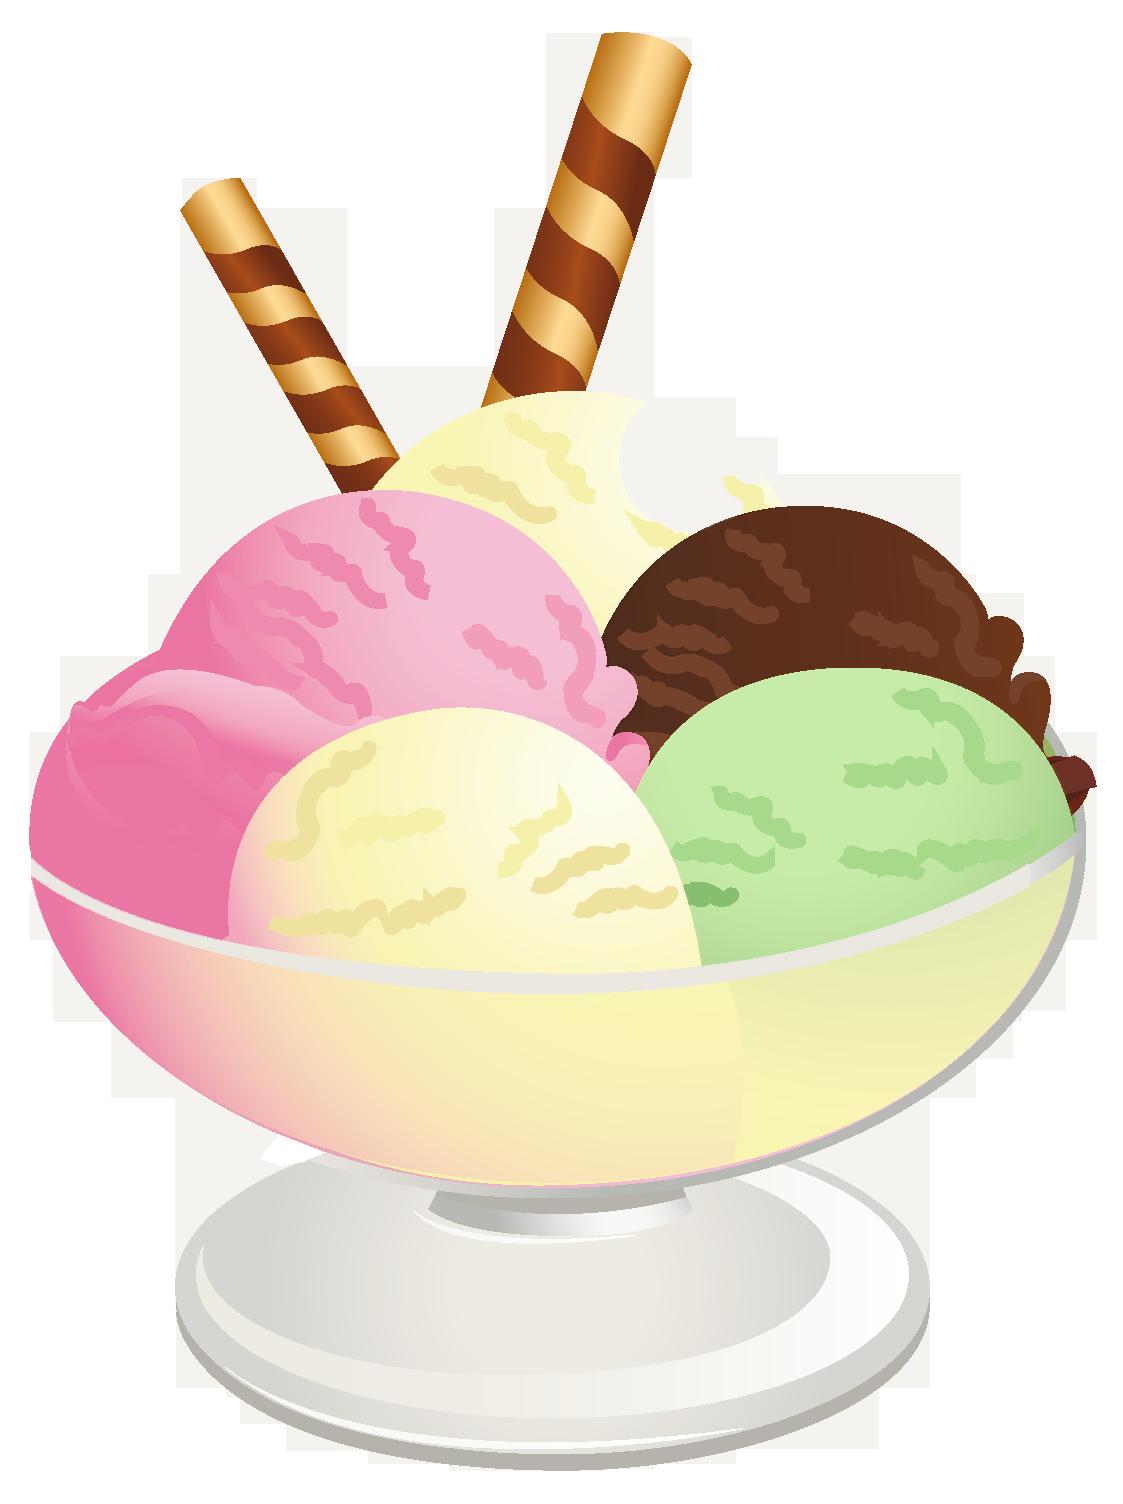 Ice Cream Sundae Clipart & Ice Cream Sundae Clip Art Images.